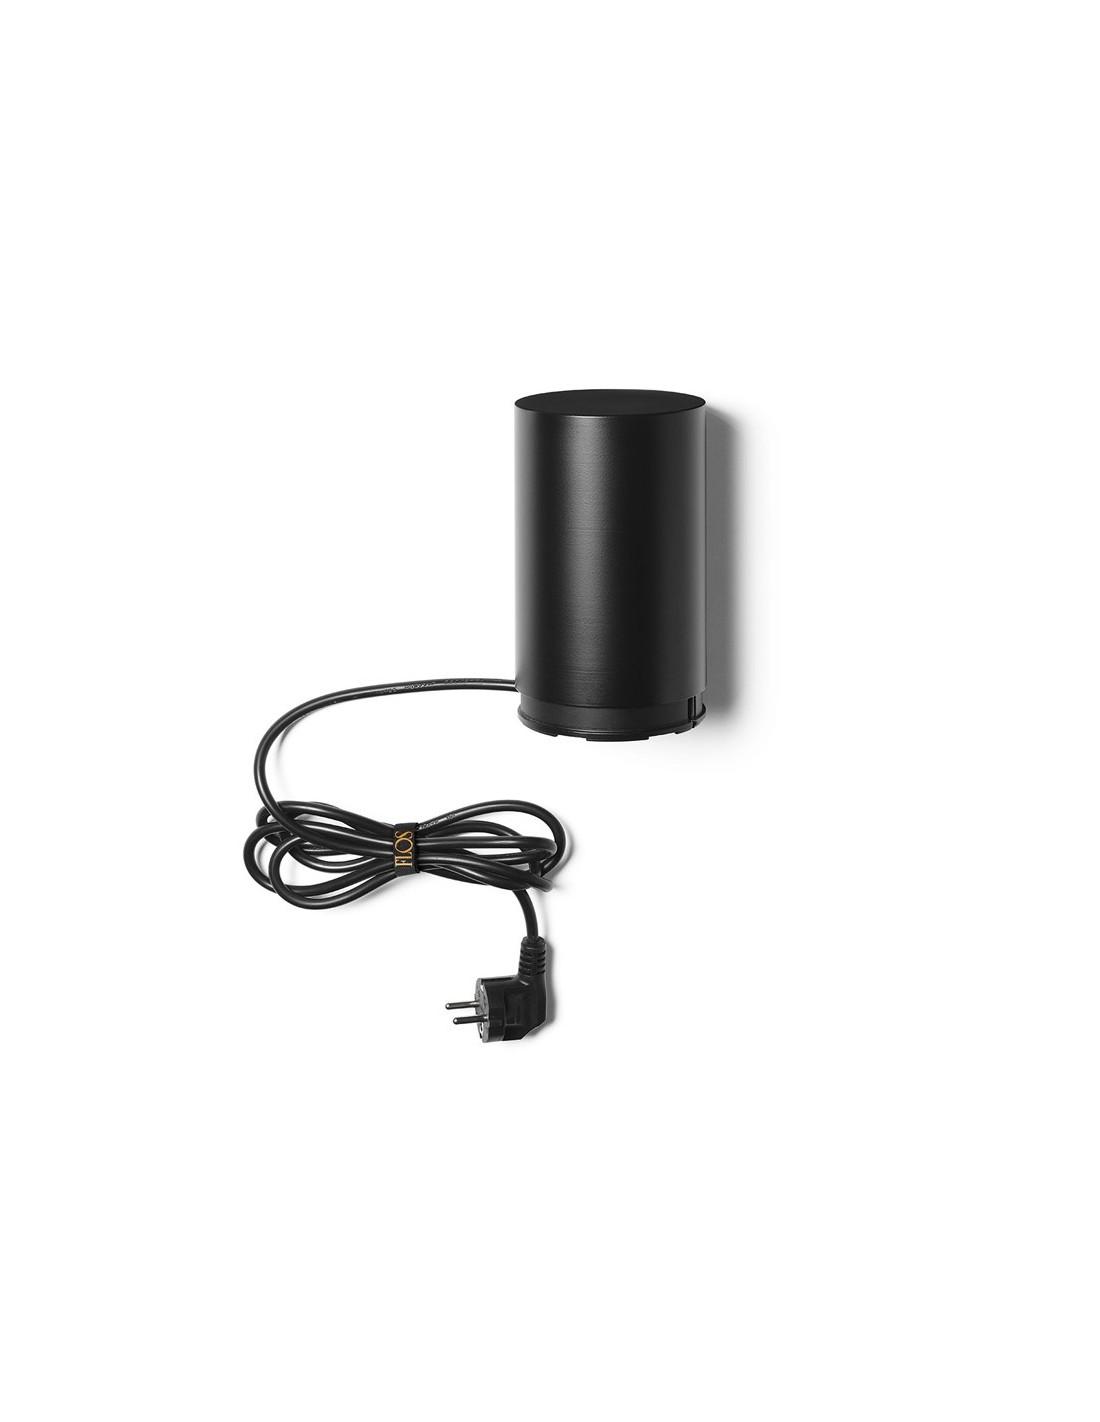 Base noire avec prise de courant pour suspension String Light